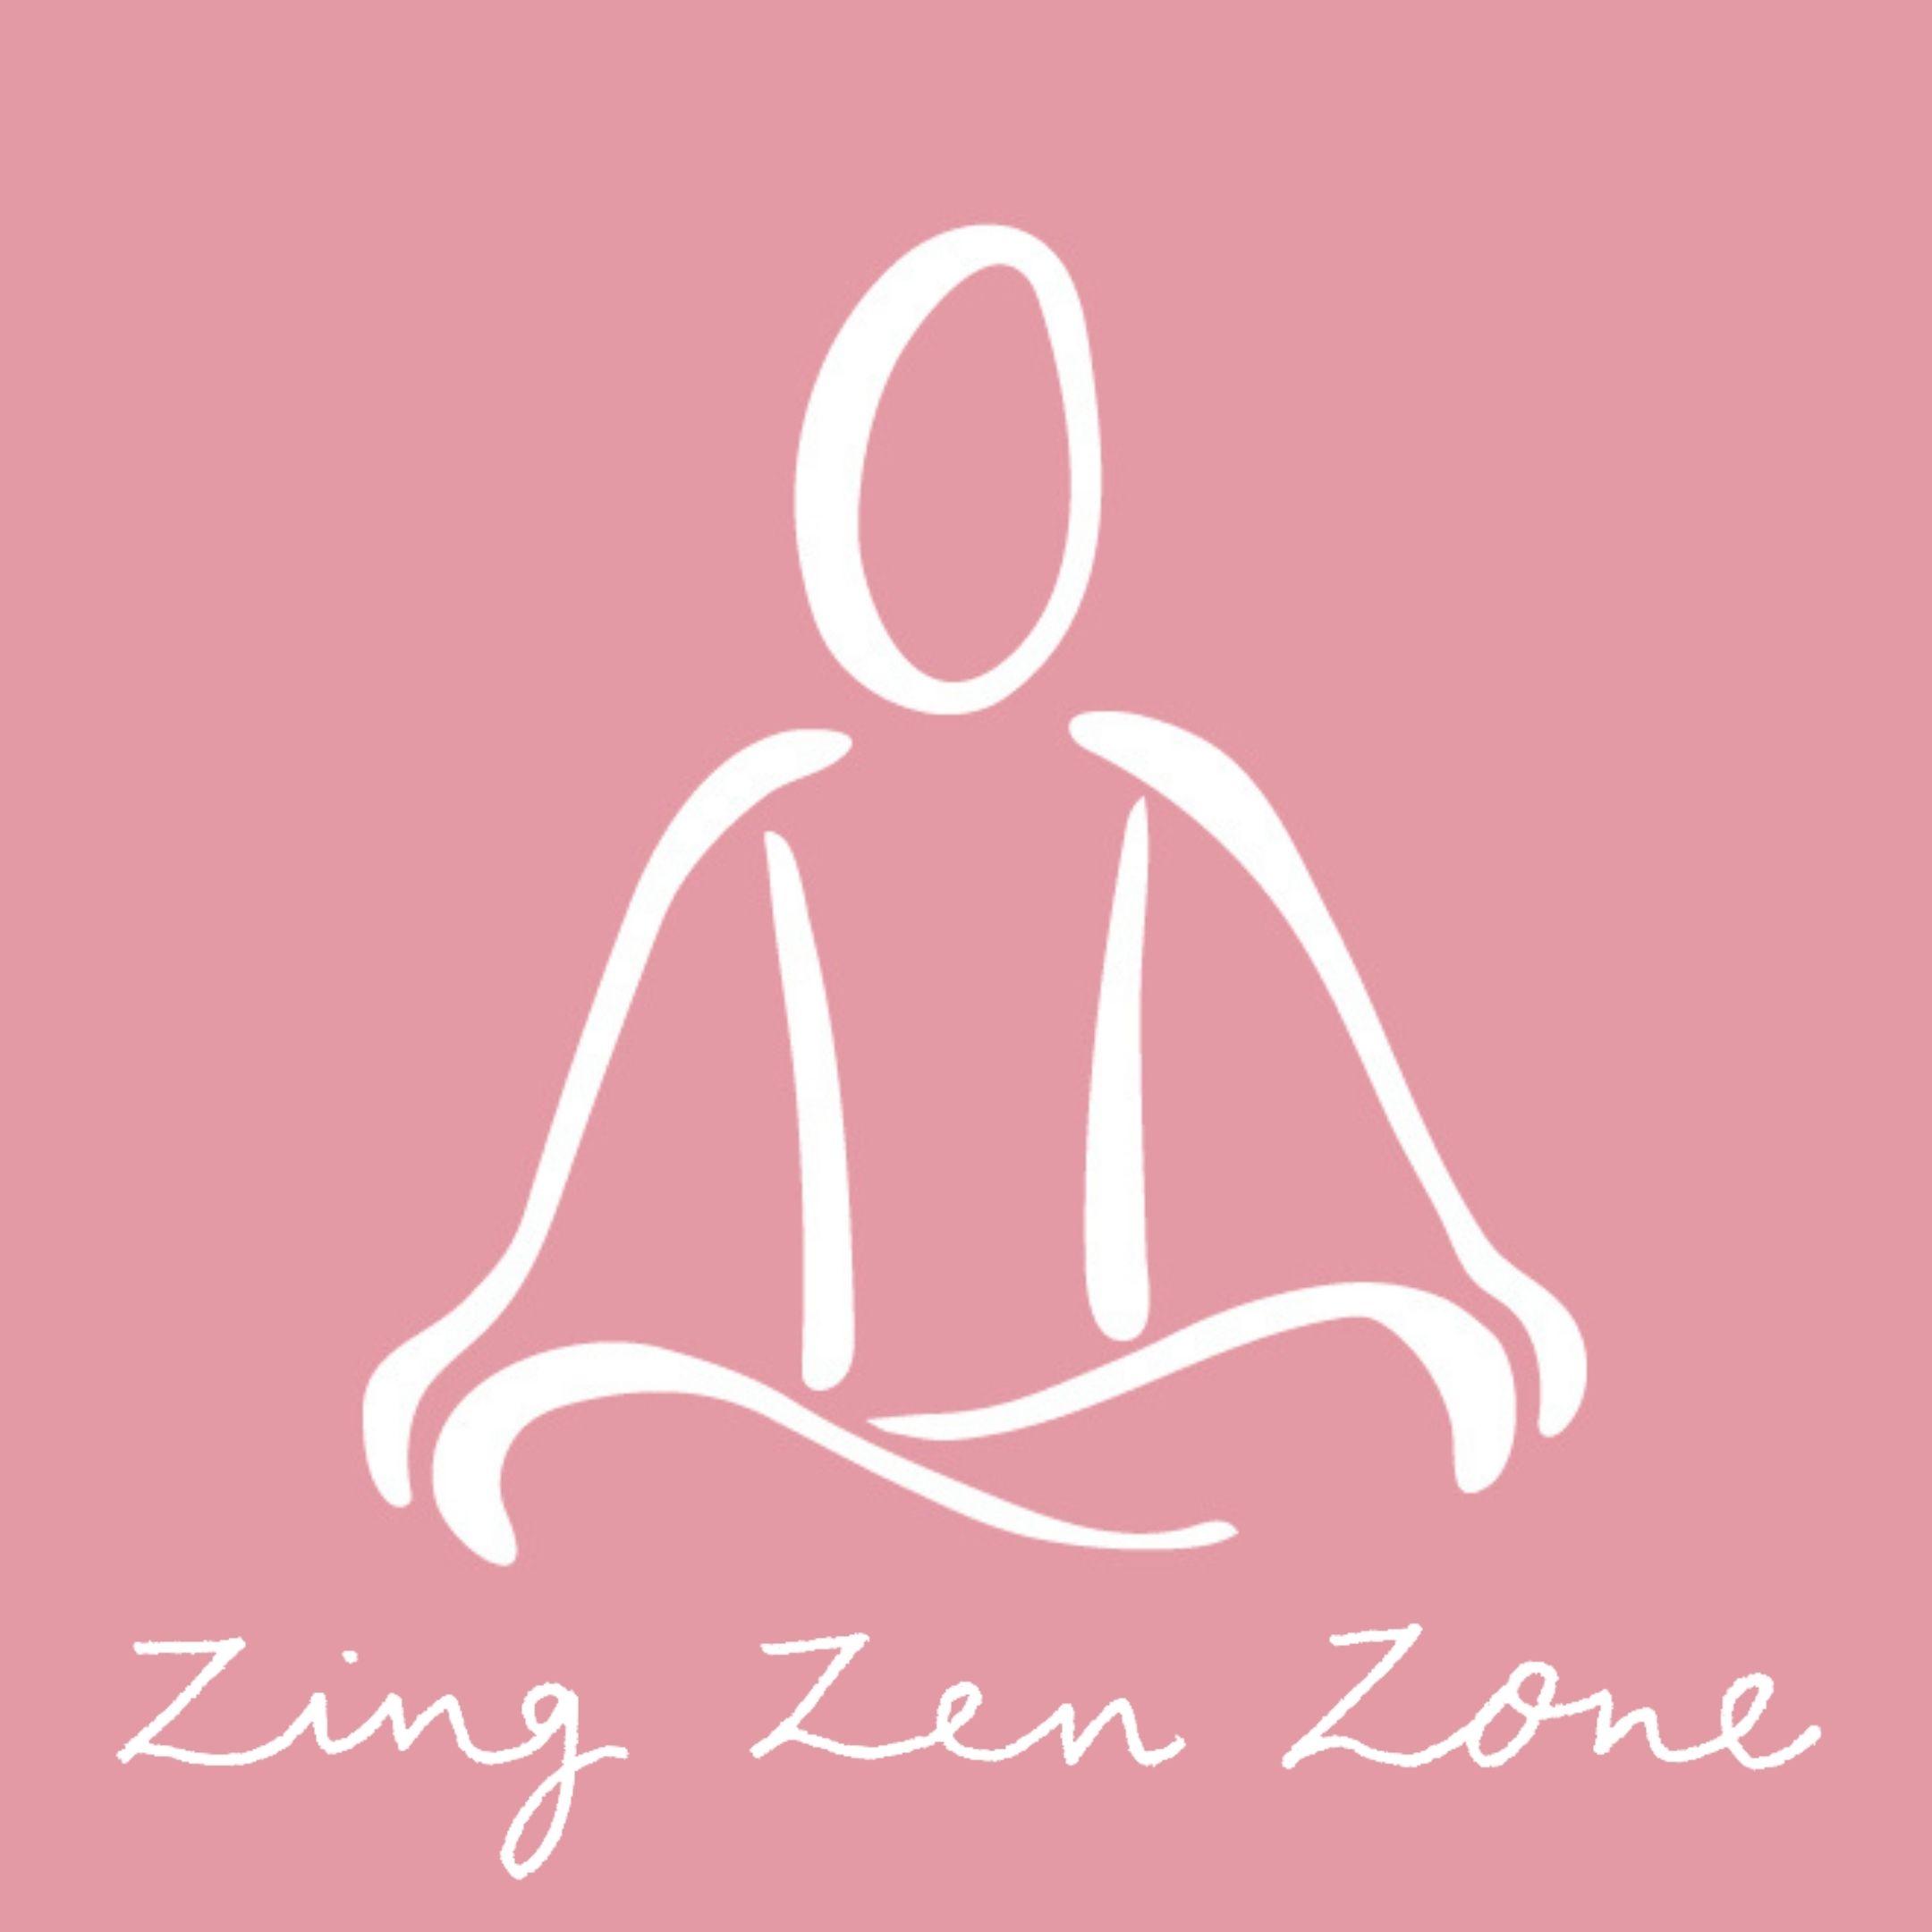 Zing Zen Zone